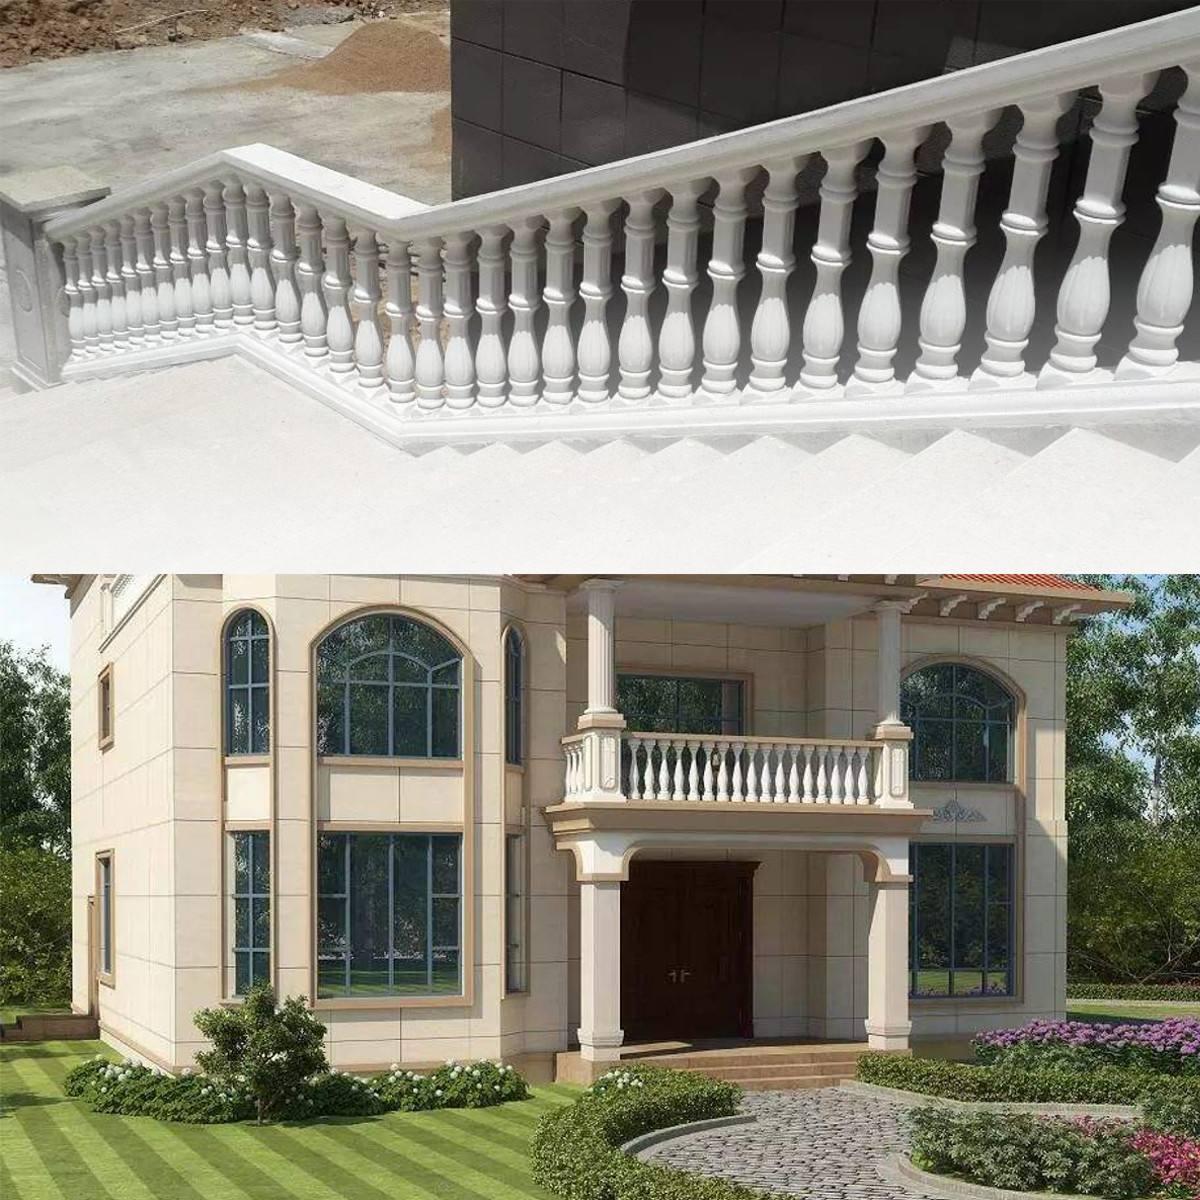 2Pcs 60 16 cm Roman Column Mold Fence Cement Mold Balcony Garden Railing Plaster Concrete Mold Plastic Casting guarden Building